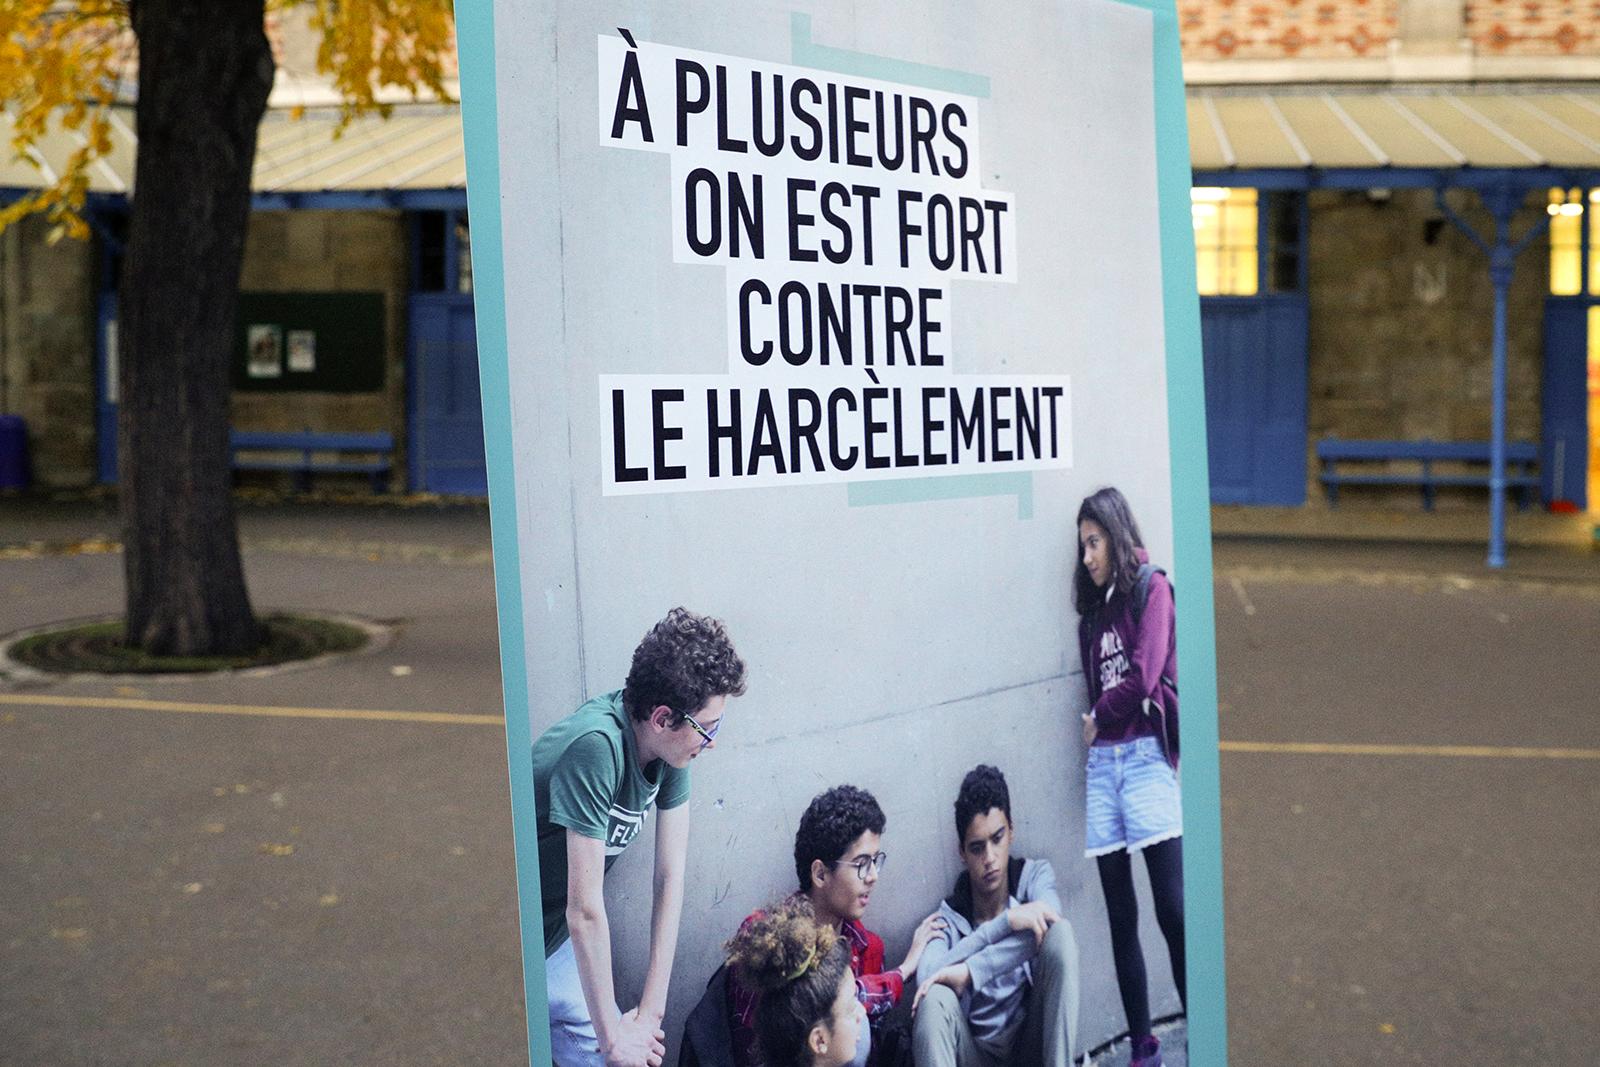 教科文组织于2019年指出,校园暴力与霸凌已成为全球性重要问题。图为法国巴黎中学校园内竖起的反霸凌标语。(图:法新社)